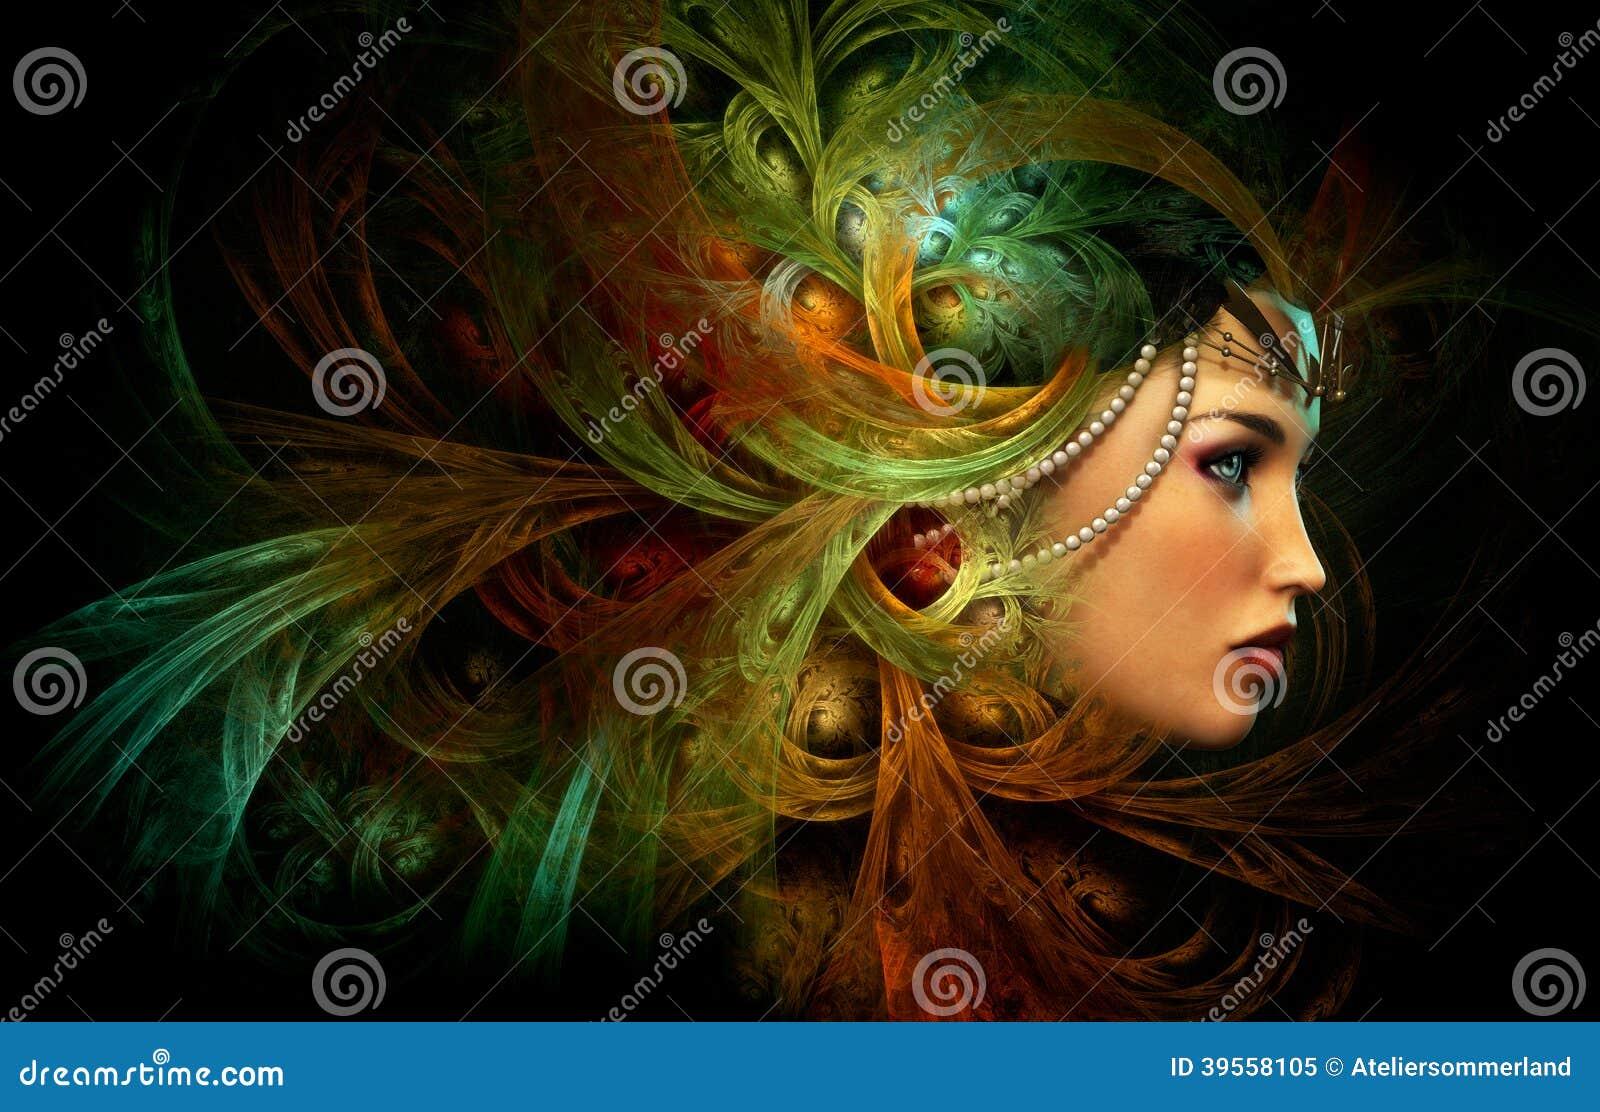 Дама с элегантным головным убором, CG